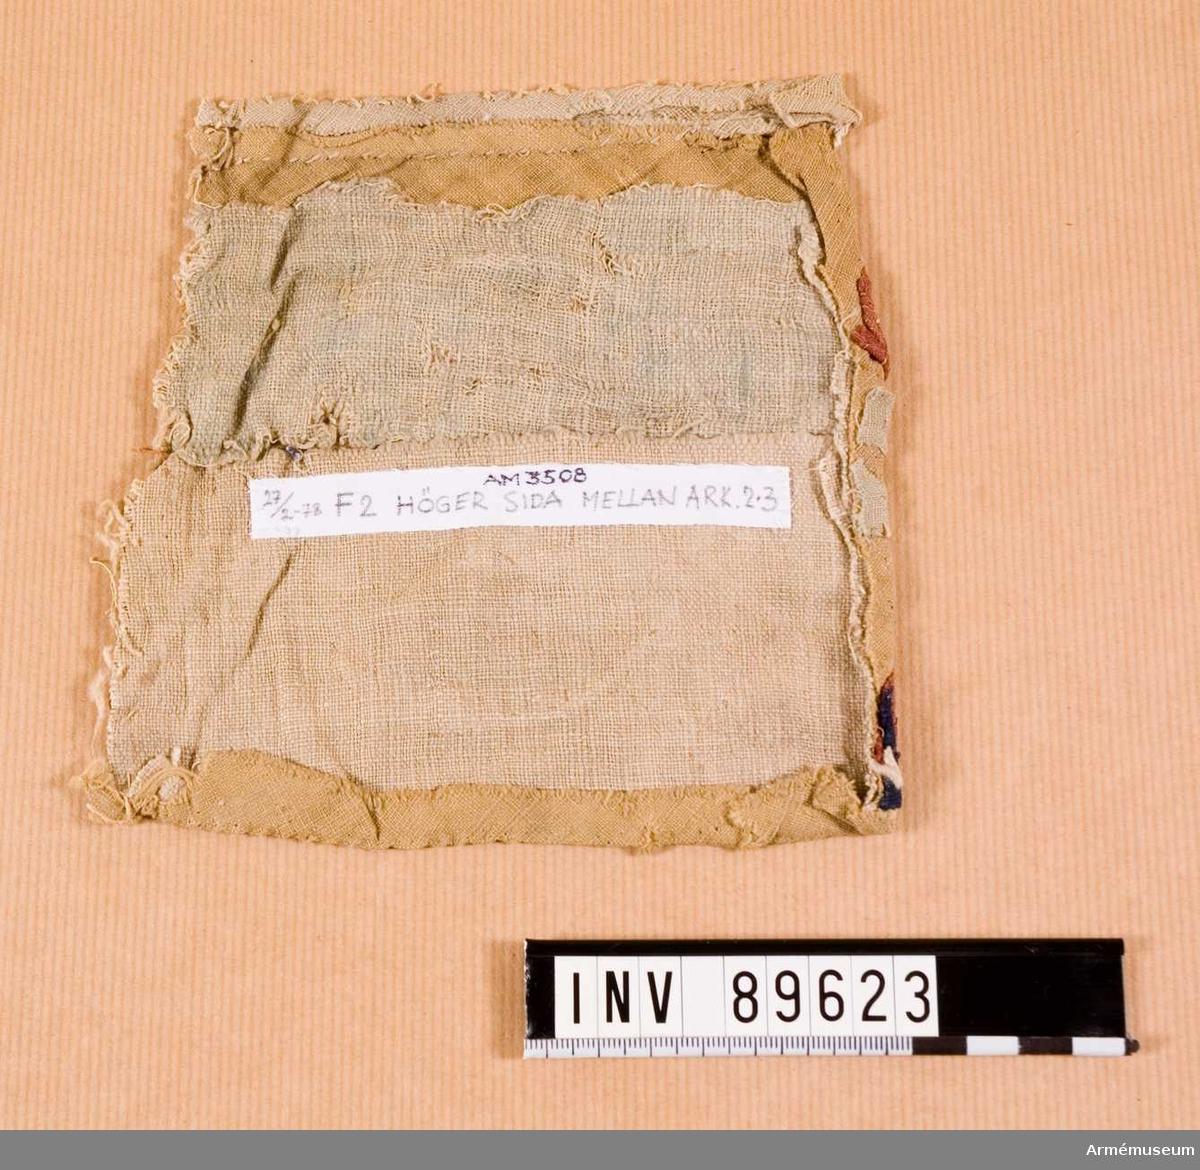 """Grupp A. Tältet är tillverkat av tre lager duk, ett yttre av   ursprungligen grön linnelärft, ett mellanskikt av röd, tät  bomullsväv, synlig som mörkare fläckar på bilden, och ett  innertält av röd linneväv. Den rika inre dekoren är utförd i applikationsarbete med upp till fem olika lager linne på botten av siden. Man har i interiören följt den turkiska arkitekturen och försökt efterlikna arkader såväl på sidostycken som i tak. De 18 arkaderna på tältets sidostycken liksom de 28 i takets  underdel är utförda i gult siden med applicerade blomvasmotiv. I  arkadöppningarnas medaljonger och kartuscher syns applicerad   blomsterornamentik av linne på växelvis grönt och gult siden   samt detaljer av förgyllt läder. På den i ögonhöjd liggande   kartuschen syns fortfarande fragment av en tidigare applikation   i gyllenläder med ytterkonturer av svart silke. De mot tältryggen på var sin sida stående elva rektangulära fälten har liksom de sex trapetsformade fälten vid kortsidorna väl bevarat sin blomsterornamentik och lysande färg. Tak och väggar knäpps   ihop med öglor av tåg på träknapar. Under varje """"pelare"""" i   arkaderna sitter tre osynligt monterade plattor av läder, 4 x 4  cm., där repen för tältets resande varit monterade. Endast vid tältöppningen finns dessa rep bevarade, i övrigt har   påfrestningen på yttertältet varit så stor att det vid dessa  punkter förslitits. Vid en under mitten av 1800-talet verkställd  reparation har emellertid alla trasiga kantpartier vikt in och   sytts ned av mot det mellanliggande mycket kraftiga och tåliga   bomullstyget, vilket ännu behållit sin klara färg och nu verkar  som påsydda lappar.  Mikroskopiering utförd på 1970-talet visade att även ytter- och innertälten var tillverkade av bomullslärft och inte av linnelärft. Se Klingberg, Wallenborg, Andersson Konservering av ett blommande turkiskt 1600-talstält s. 15.                                          /LES 20170320. 20"""